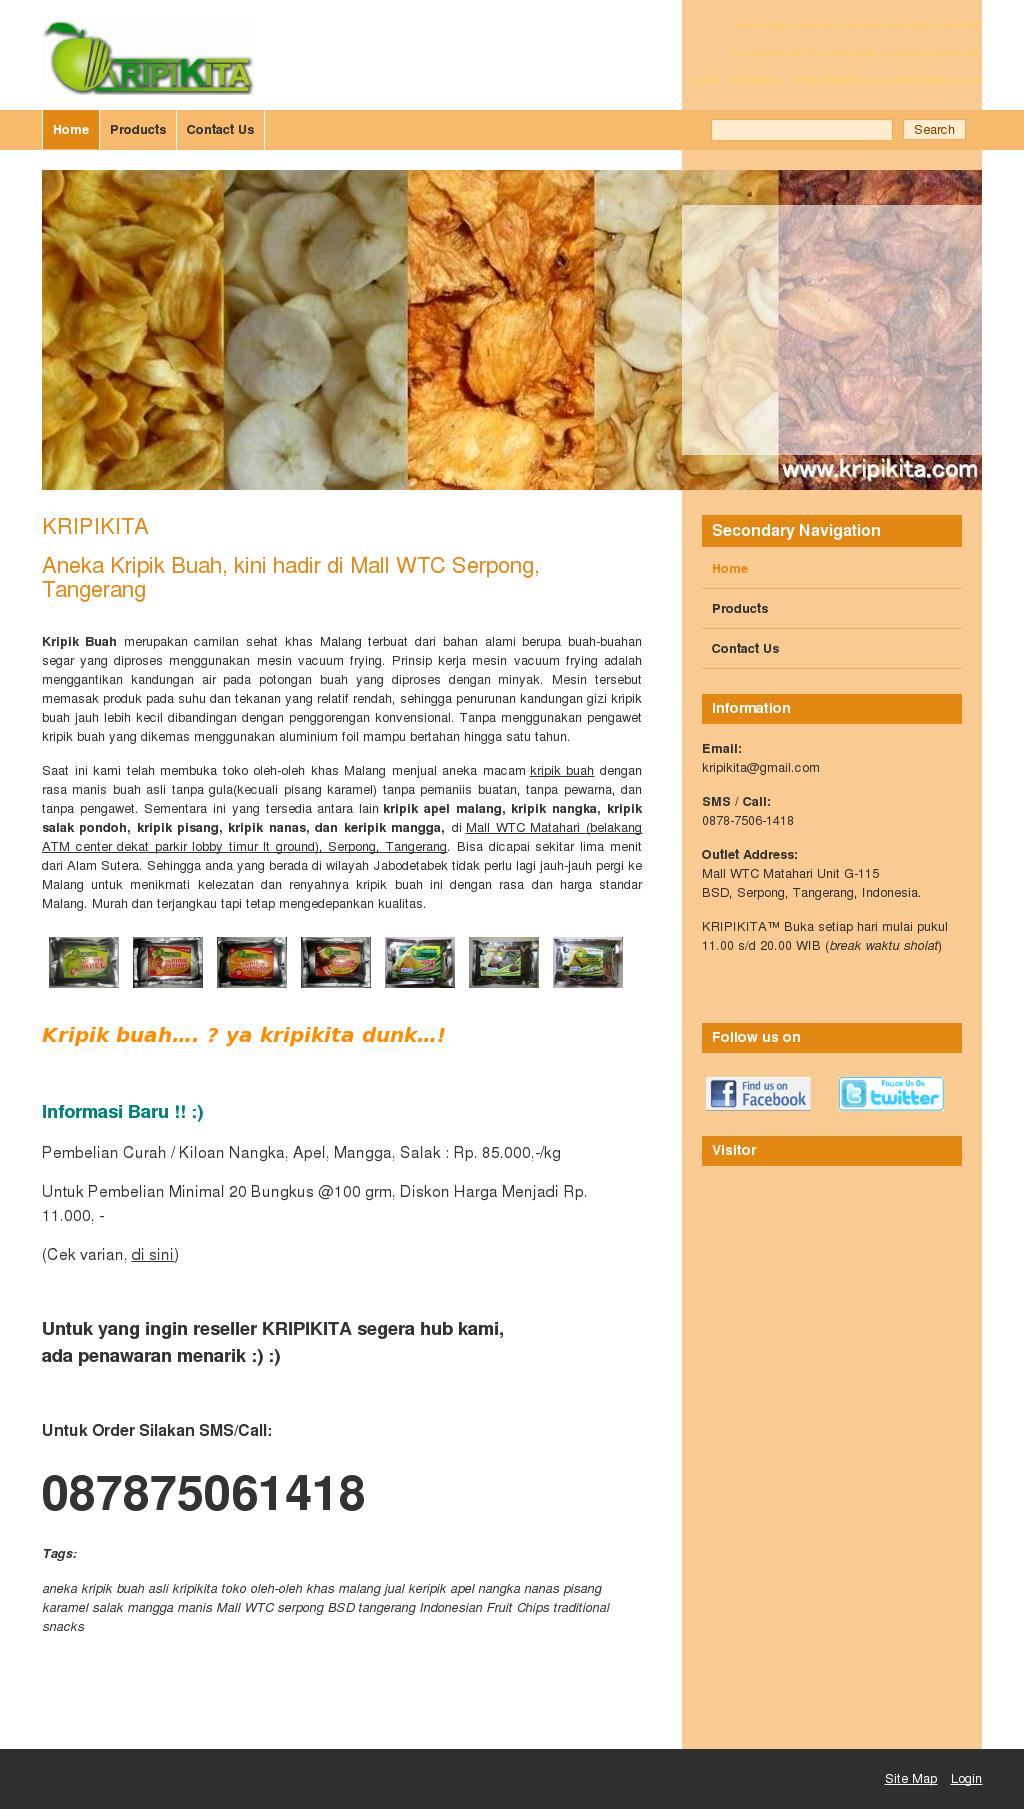 Kripik Buah Keripik Apel Nangka Salak Nanas Pisang Mangga Competitors Revenue And Employees Owler Company Profile